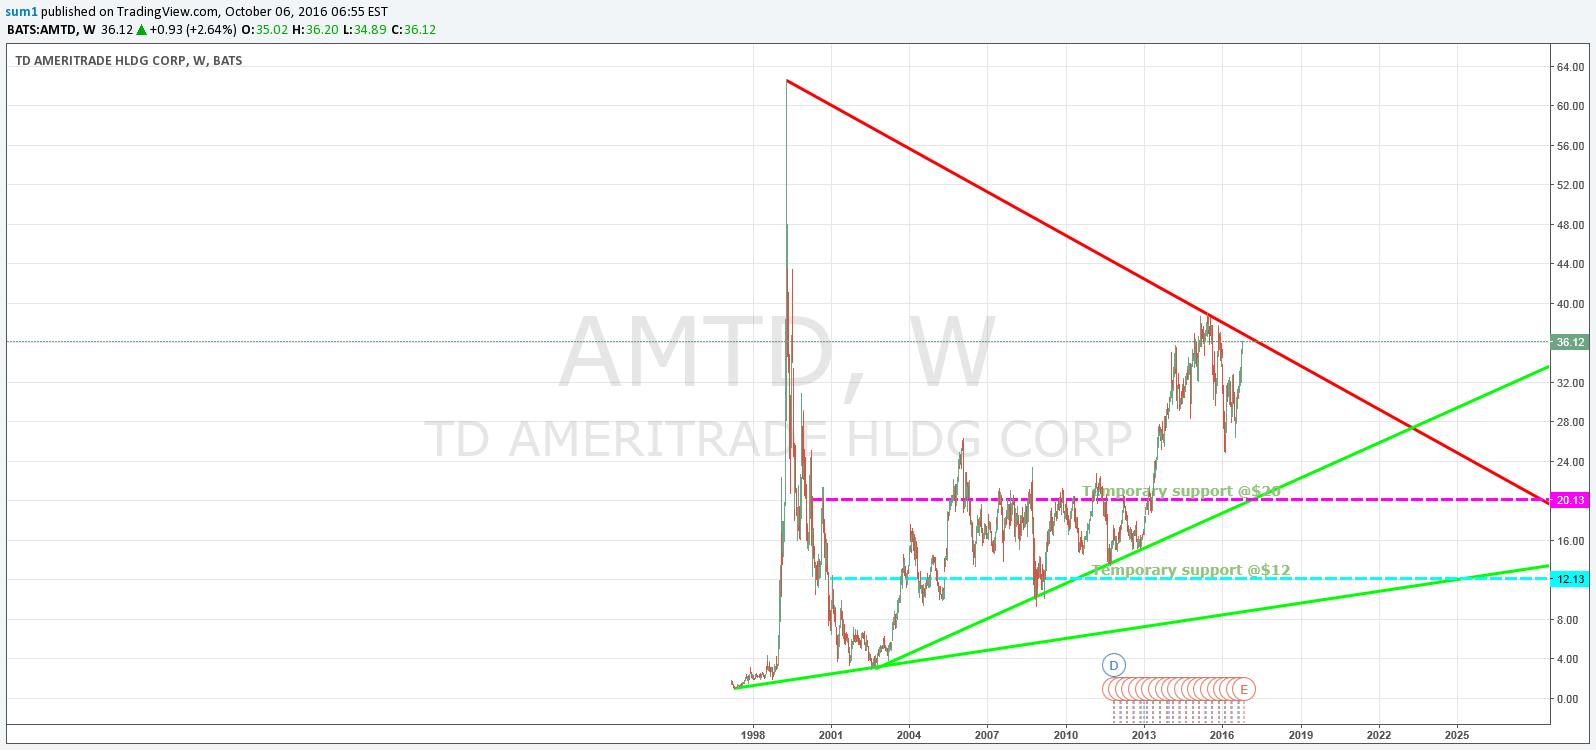 AMTD gone Broke para NASDAQ:AMTD por sum1 — TradingView